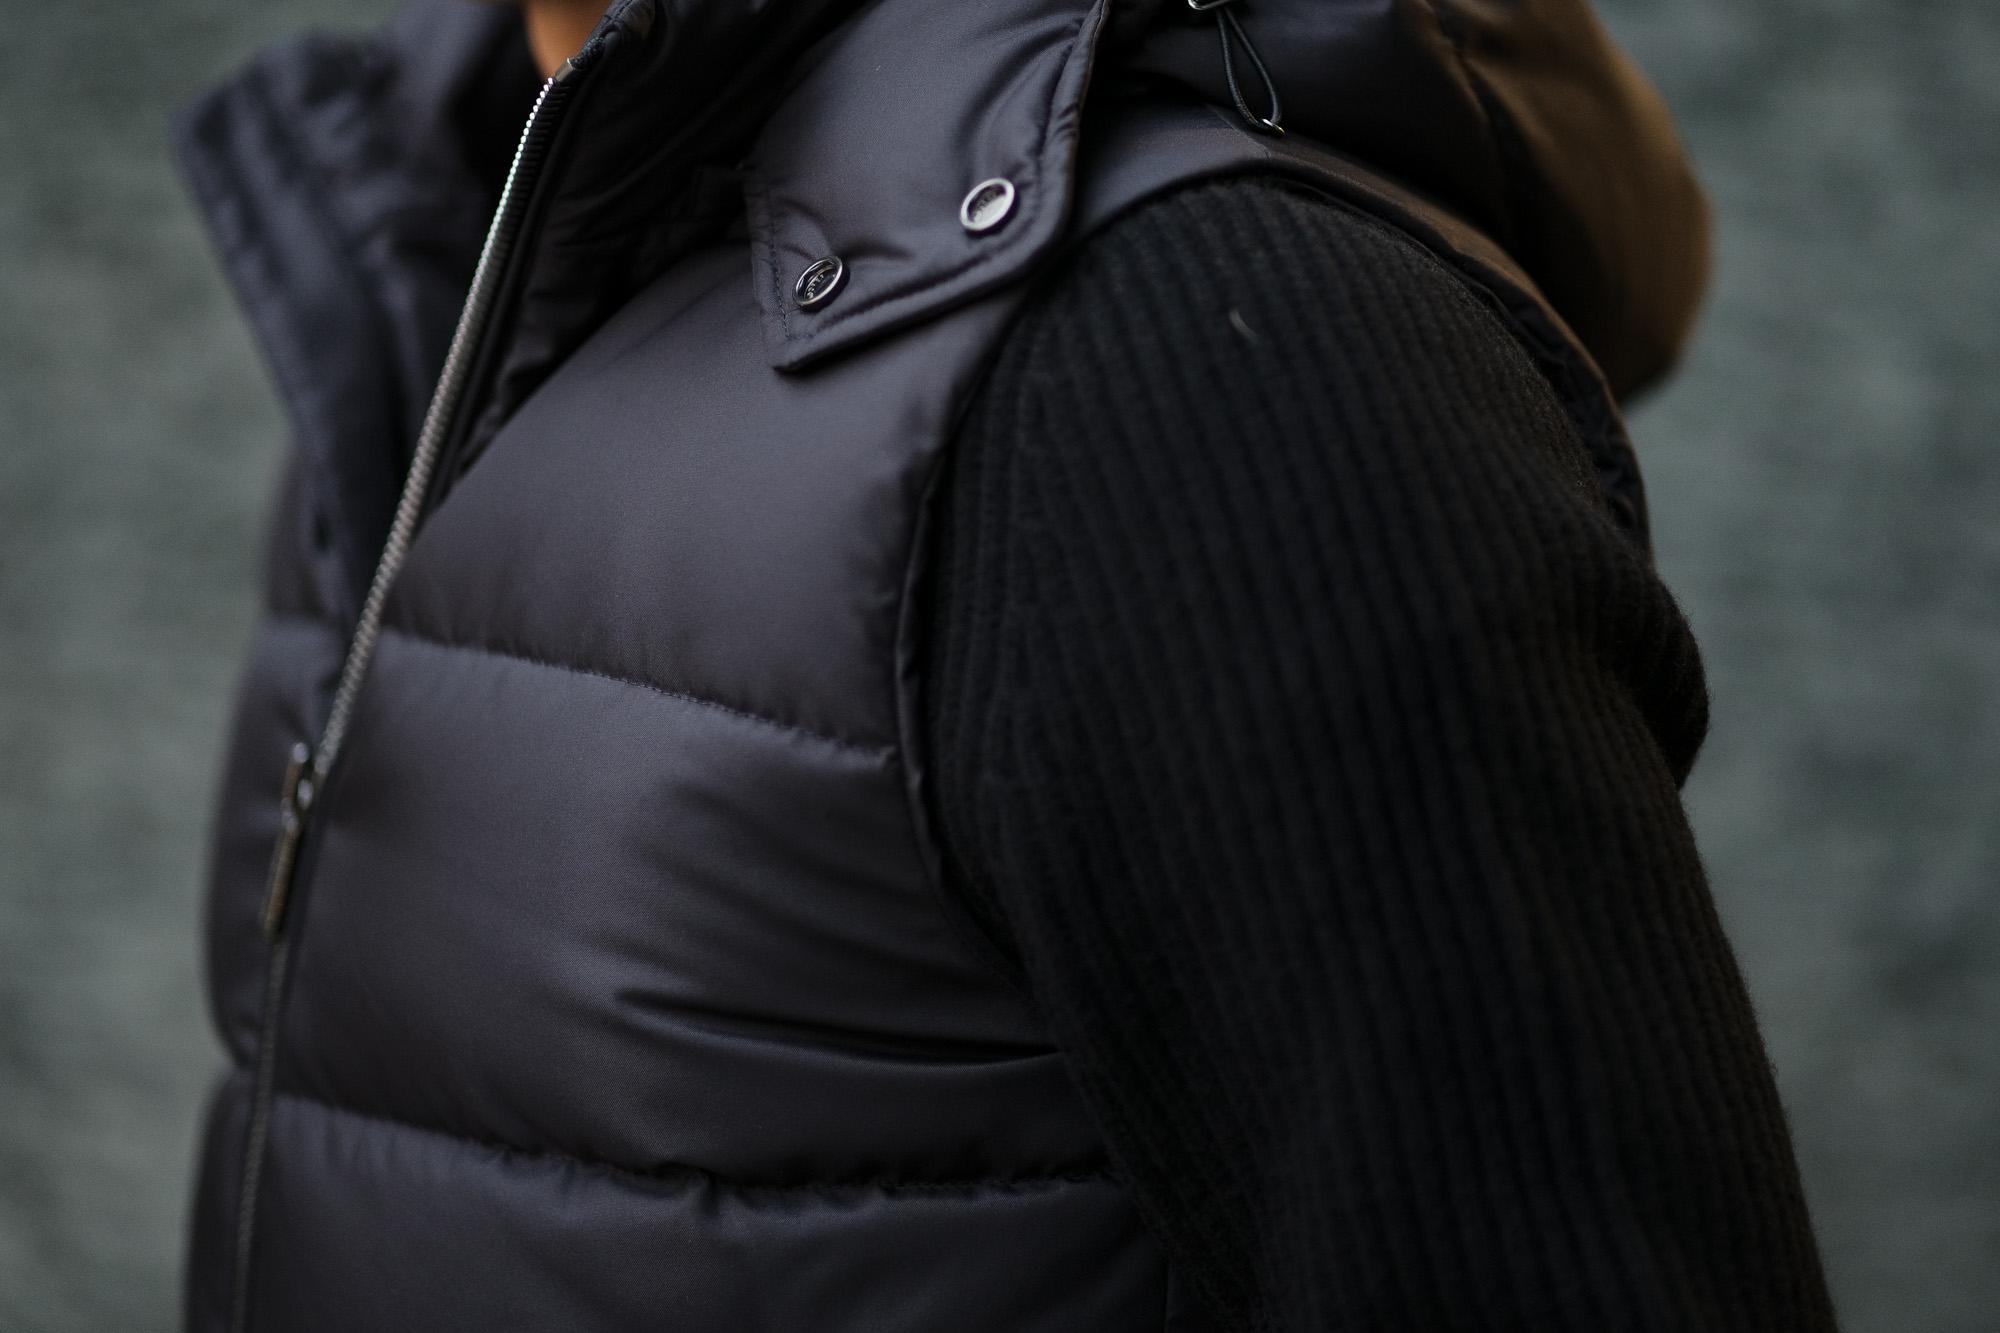 MOORER (ムーレー) FAYER-WK2 (フェイヤー) ナイロン ダウン ベスト NERO(ブラック) Made in italy (イタリア製) 2019 秋冬新作 愛知 名古屋 altoediritto アルトエデリット ダウンジャケット